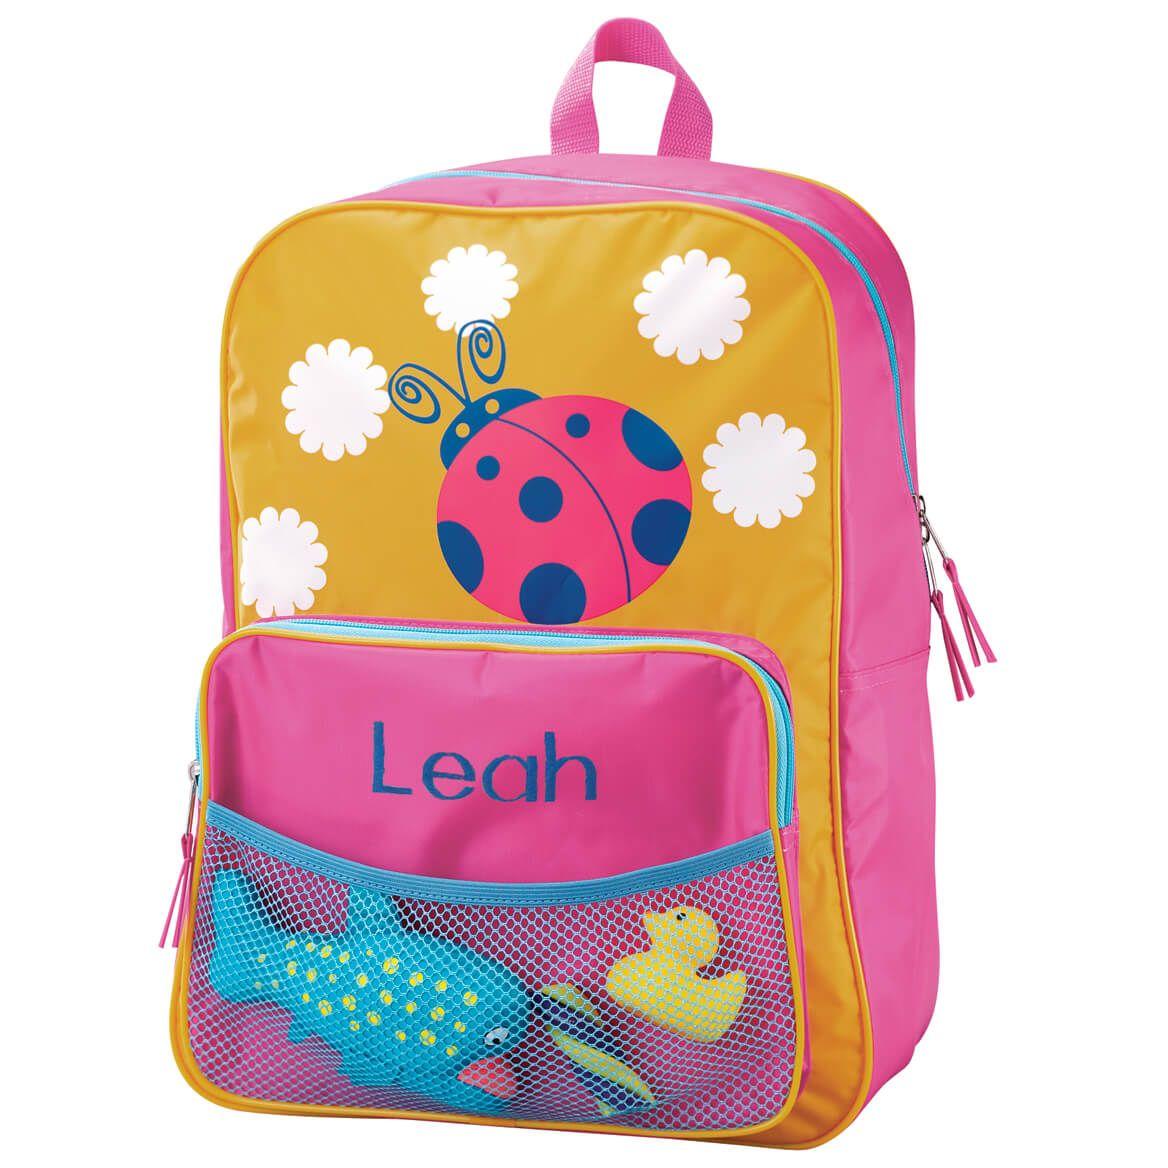 Personalized Ladybug Backpack-339672